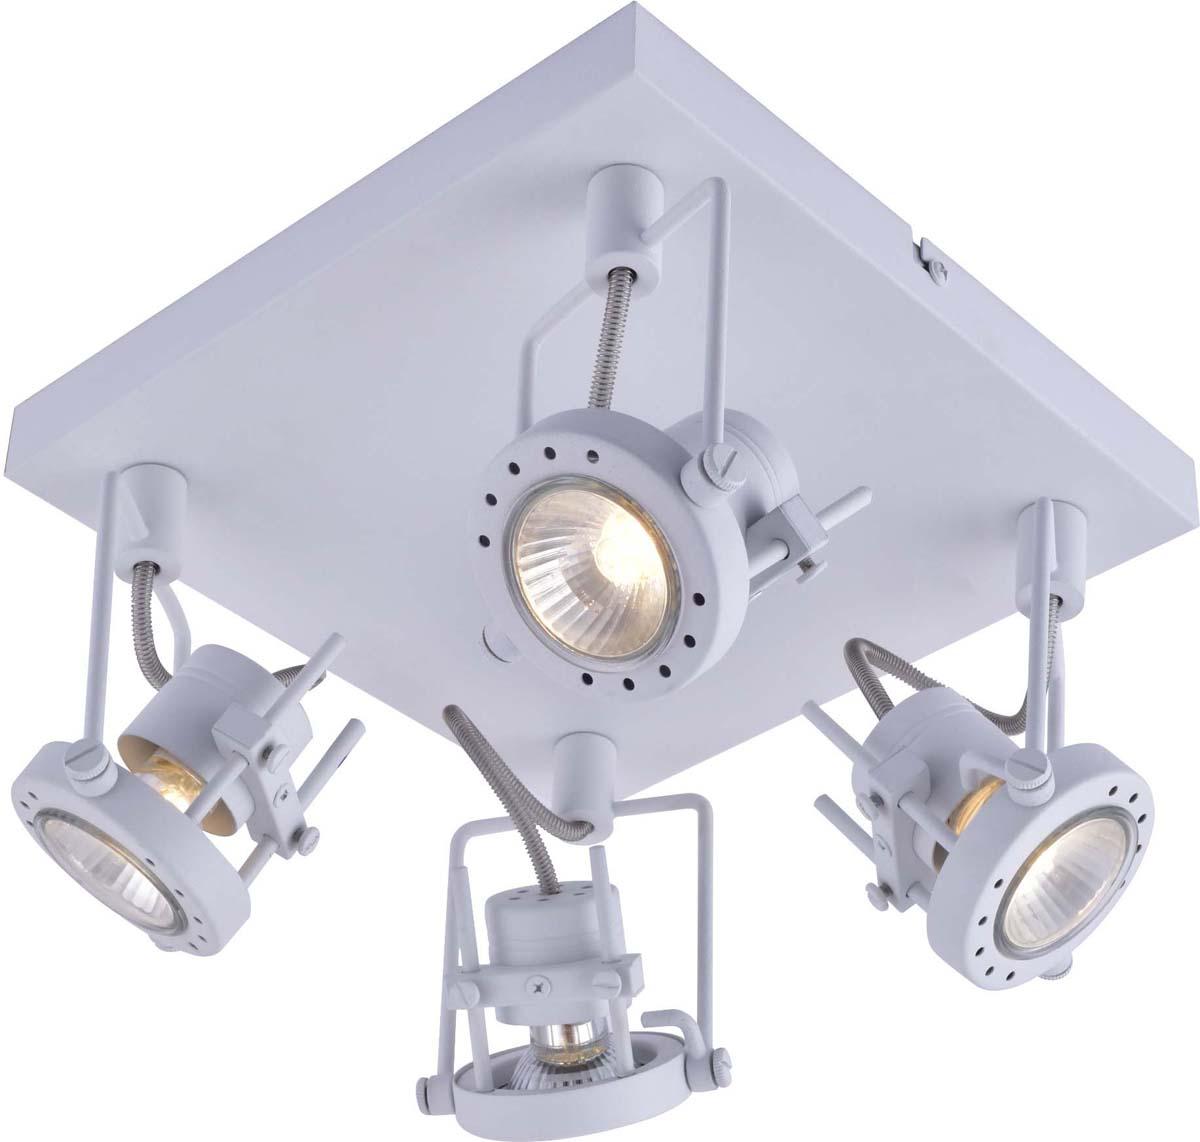 Светильник потолочный Arte Lamp Costruttore, цвет: белый, 4 х GU10, 50 W. A4300PL-4WH